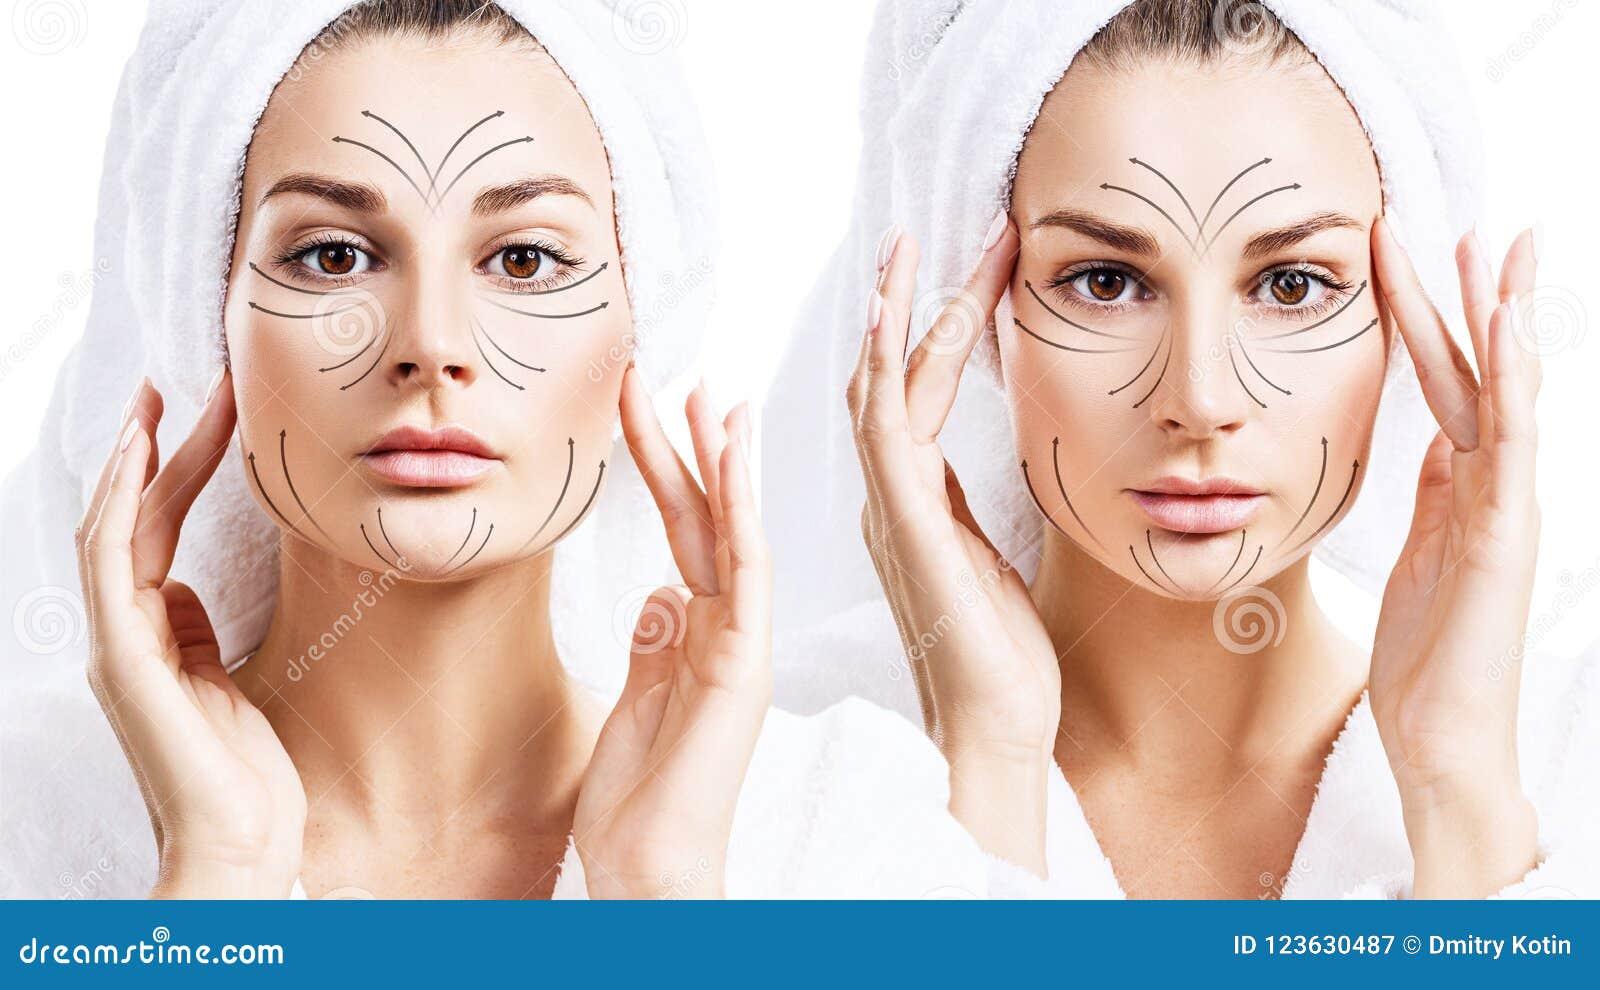 Γραμμές μασάζ στο όμορφο πρόσωπο της νέας γυναίκας στο μπουρνούζι